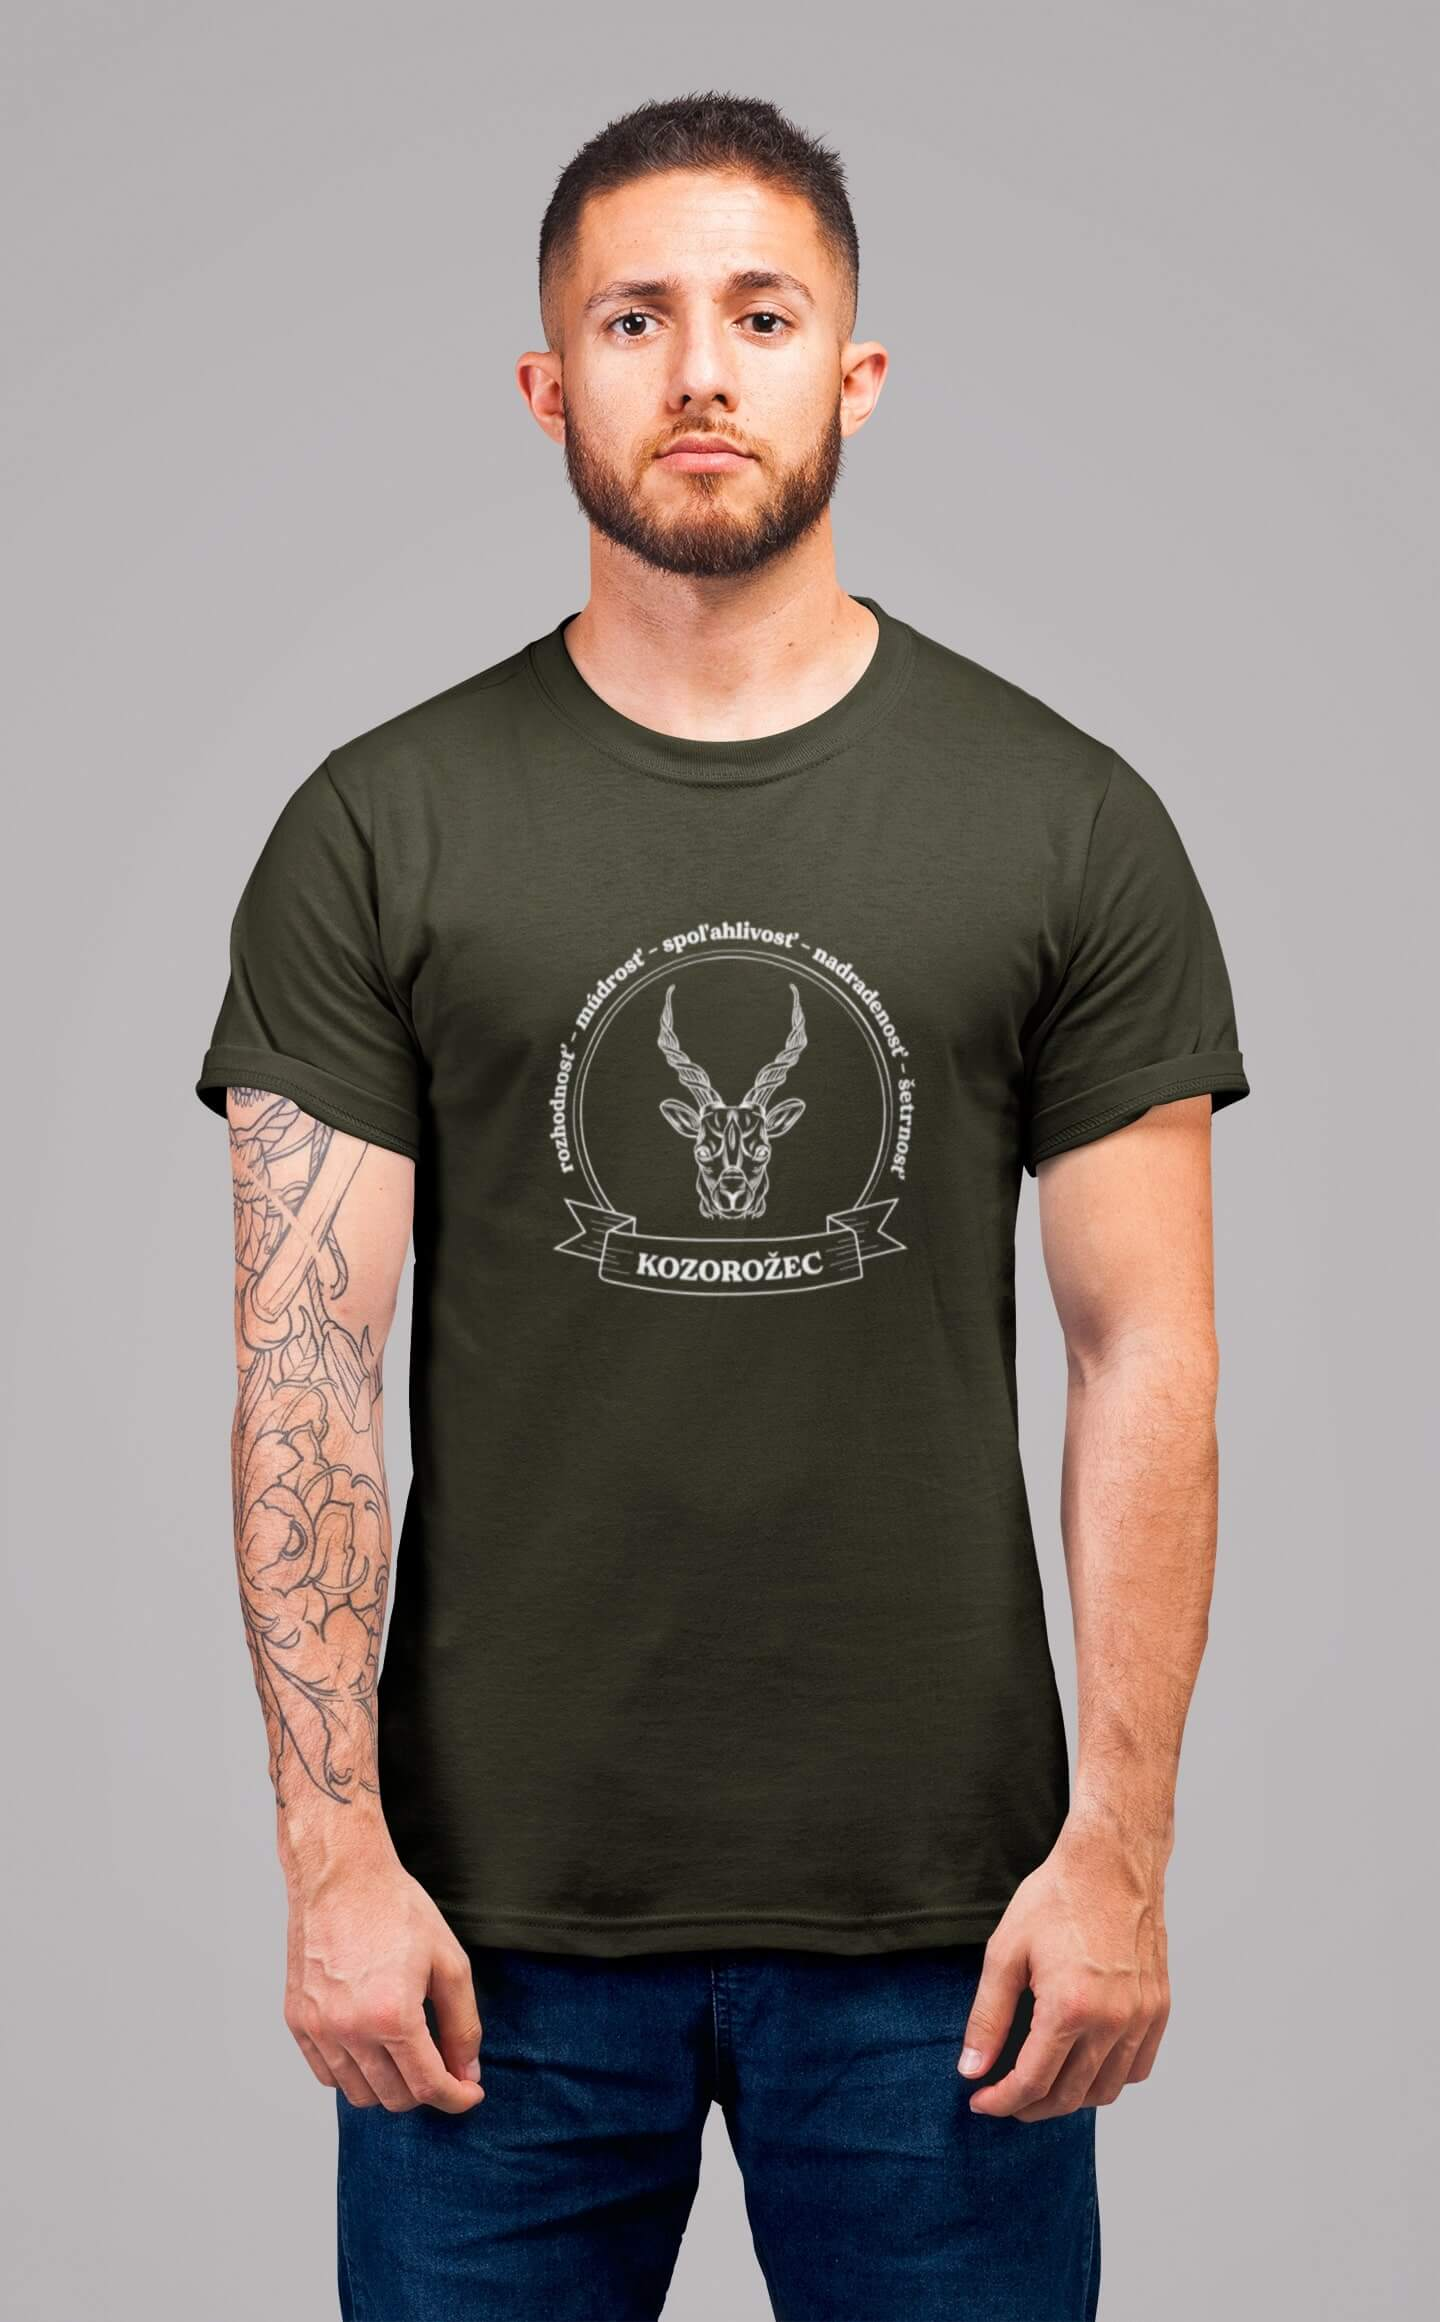 MMO Pánske tričko Kozorožec Vyberte farbu: Military, Vyberte veľkosť: XS